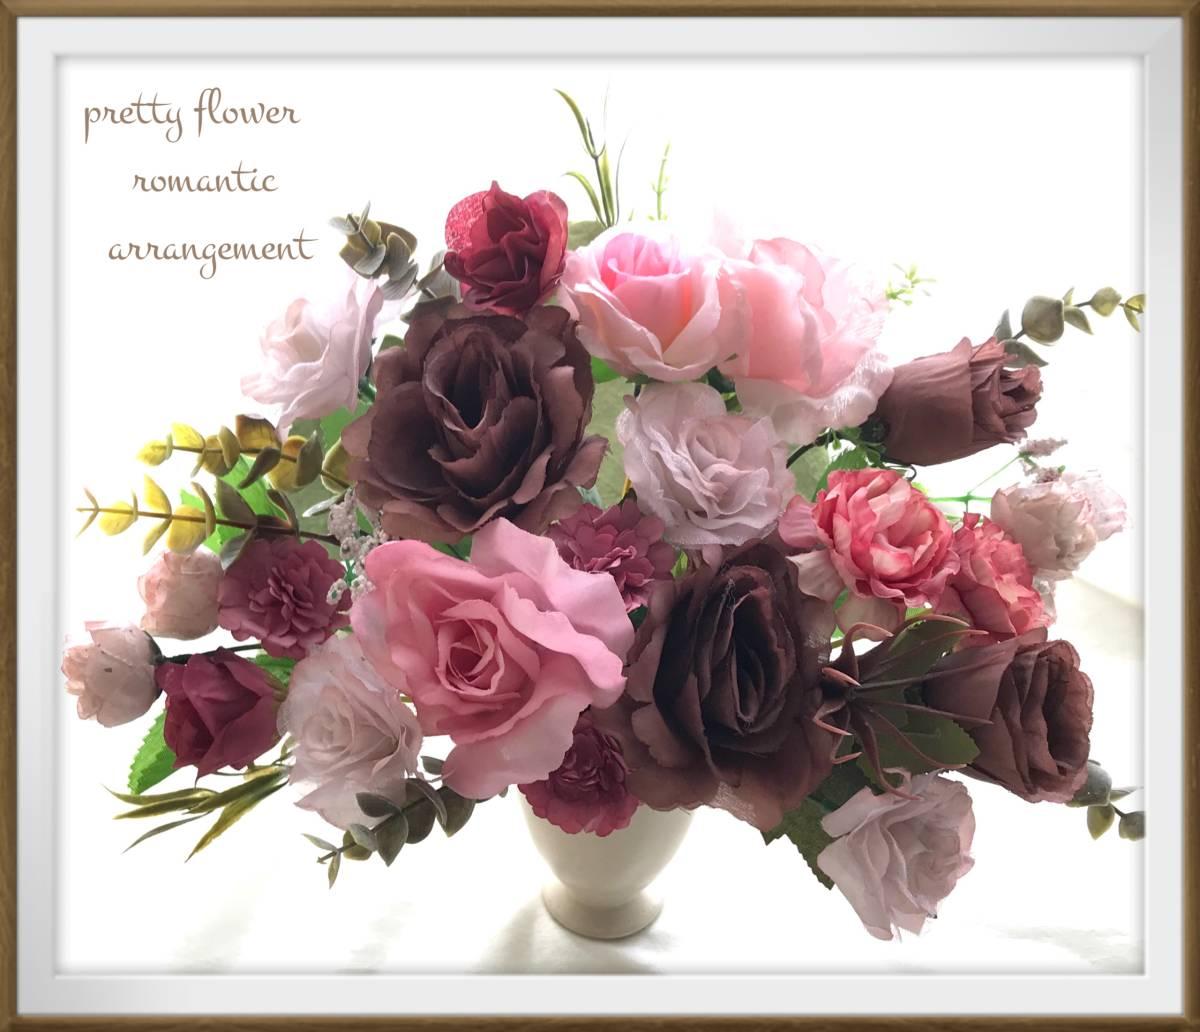 pretty flower�x�[�W���Ԋ�`���R���[�g�u���E���ƃ~���N�e�B�[�s���N���K�N�t�F�~�j���A�����W Image1